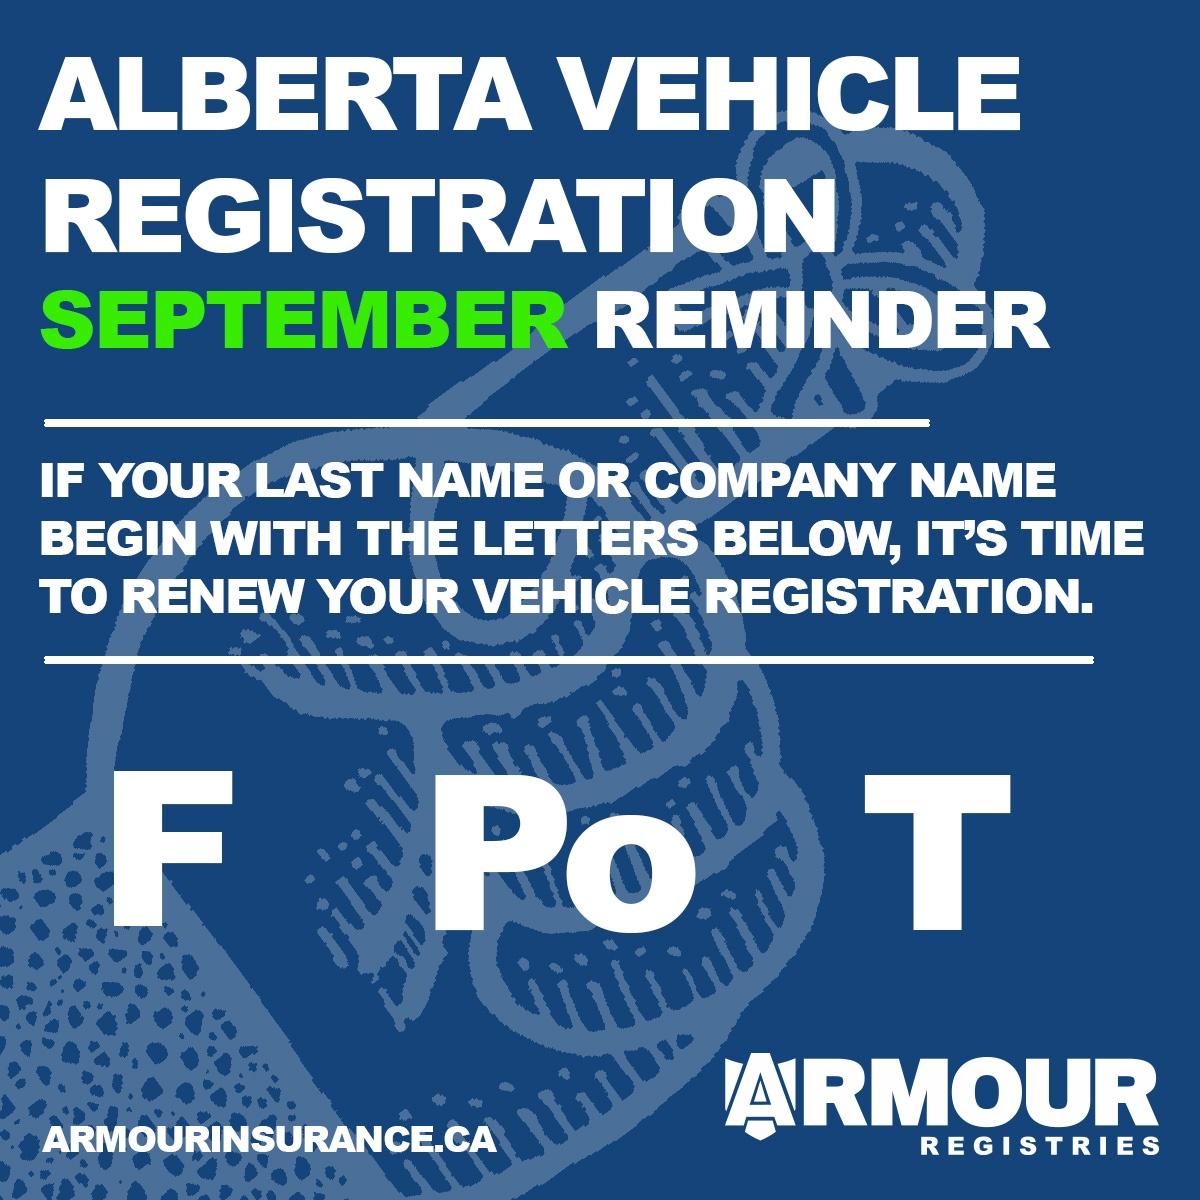 September Vehicle Registration Renewals